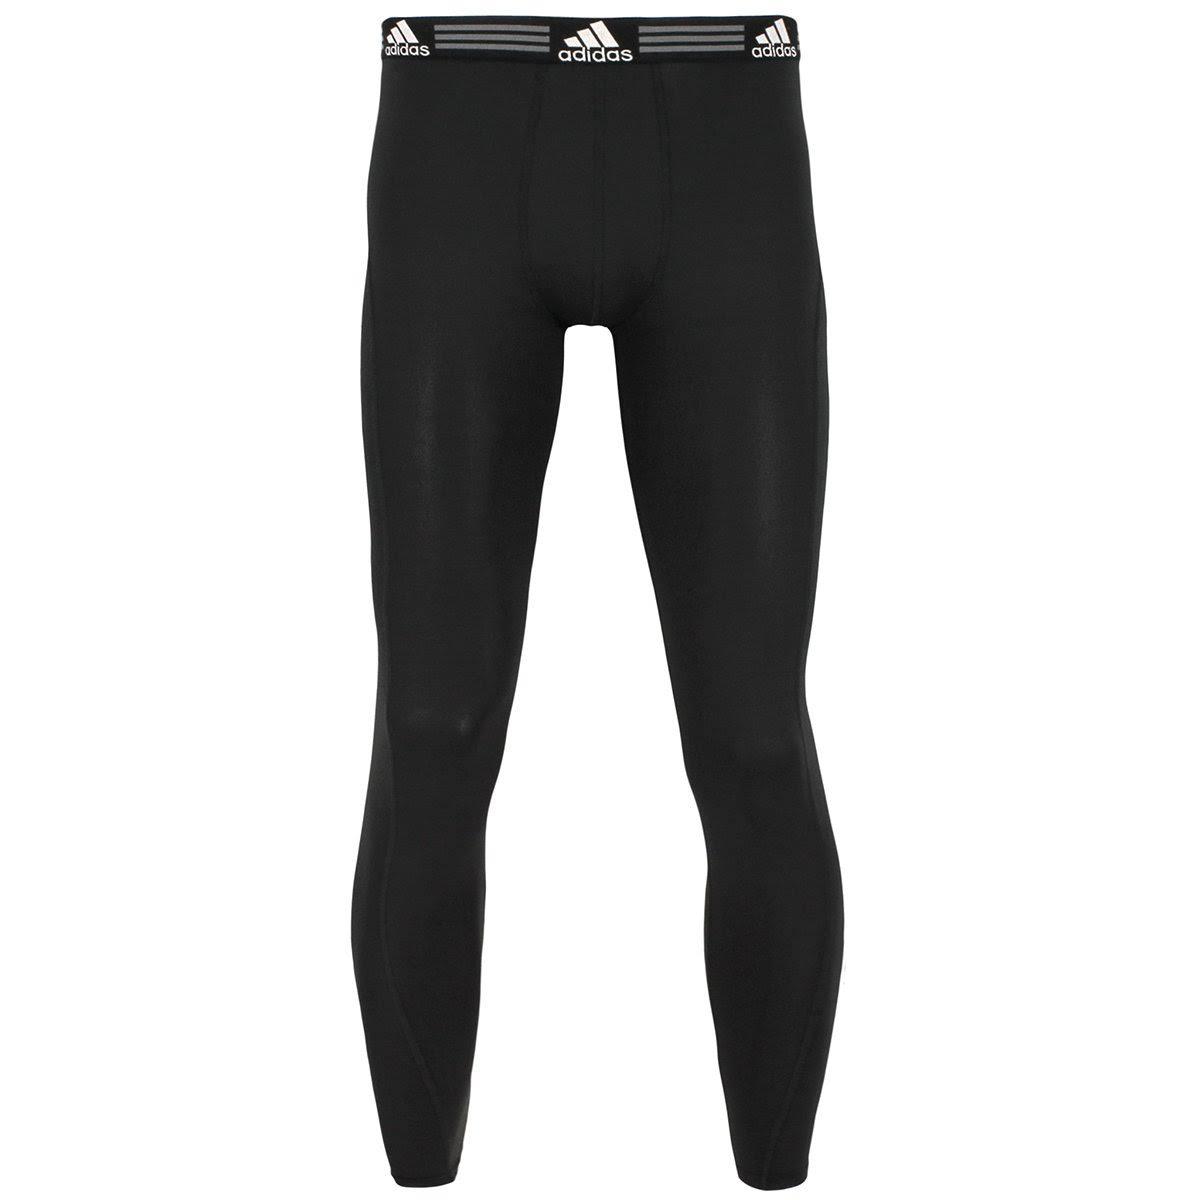 Negro Para Pantalones Adidas Interior Ropa Sola De Climalite Una Hombres Xl Base W6vaSq